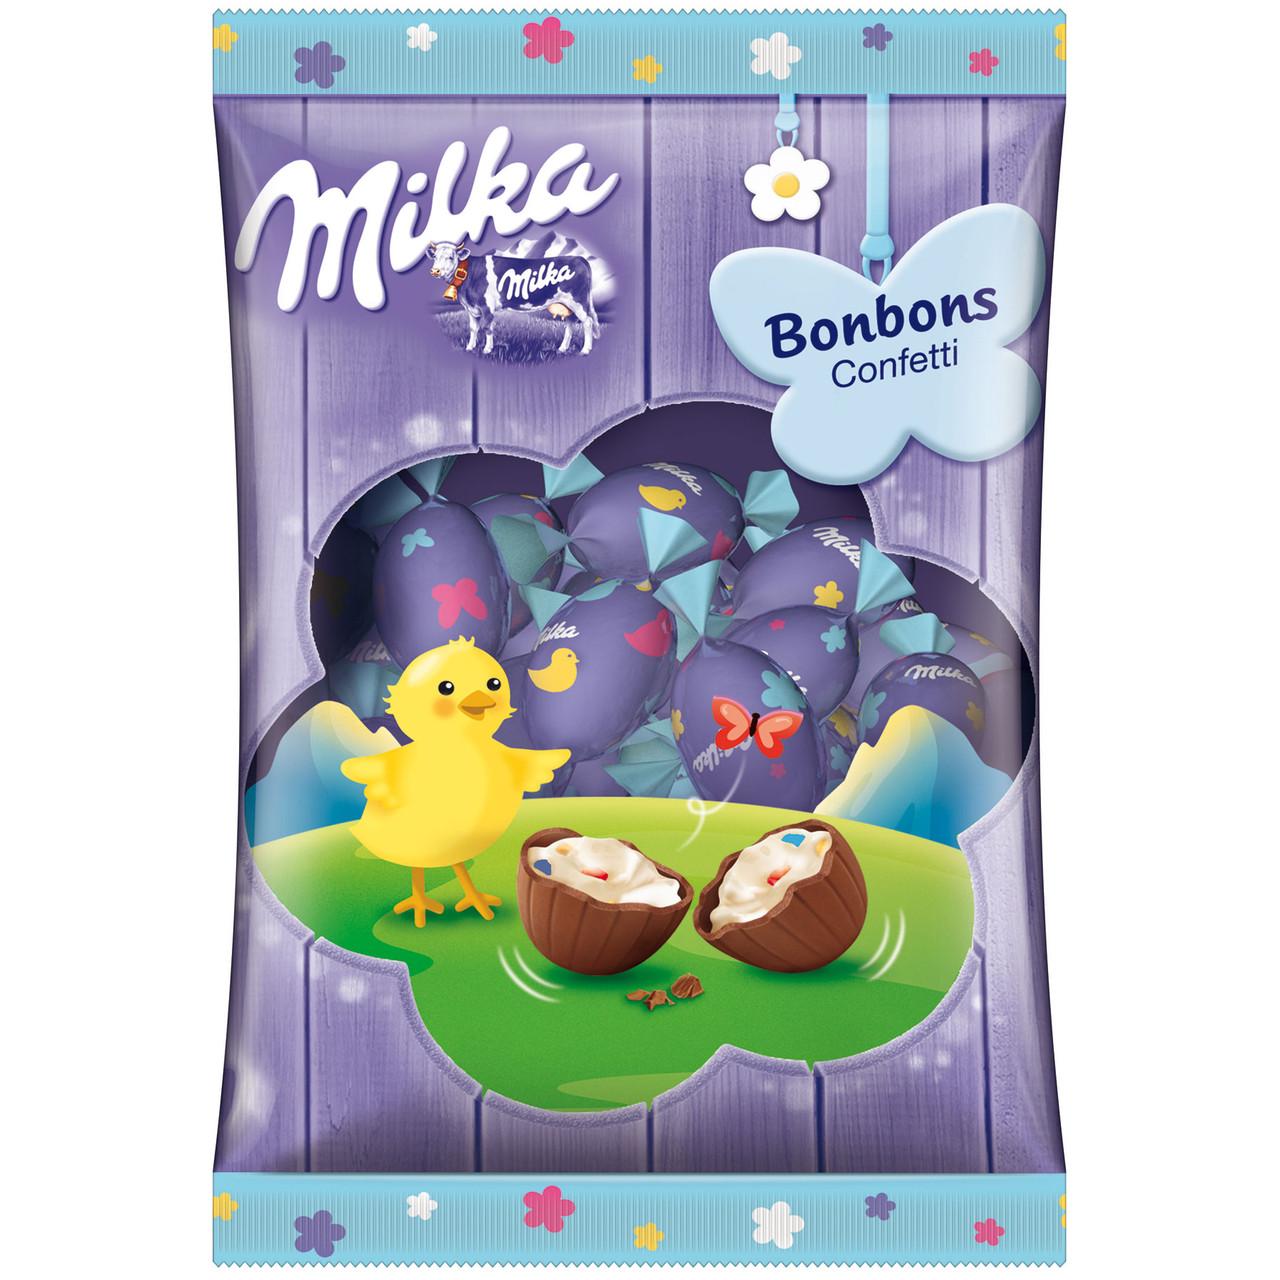 Шоколадные яички Milka «Bonboss Confetti Ostern» (С молочным кремом и сахарным конфетти), 86 г.